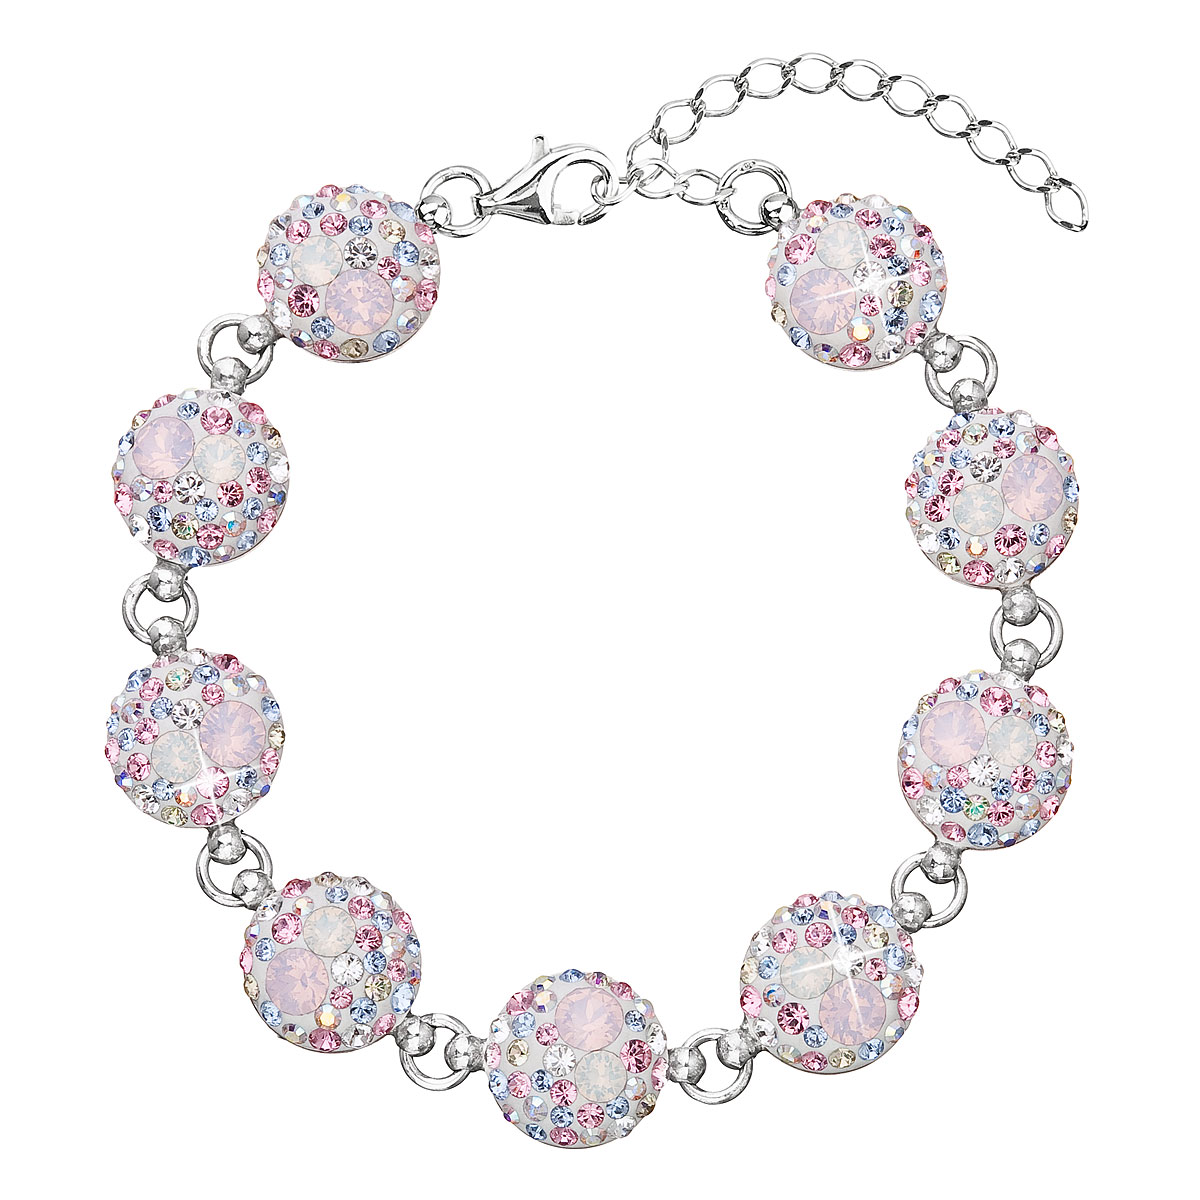 Evolution Group Stříbrný náramek se Swarovski krystaly růžový 33048.3 magic rose